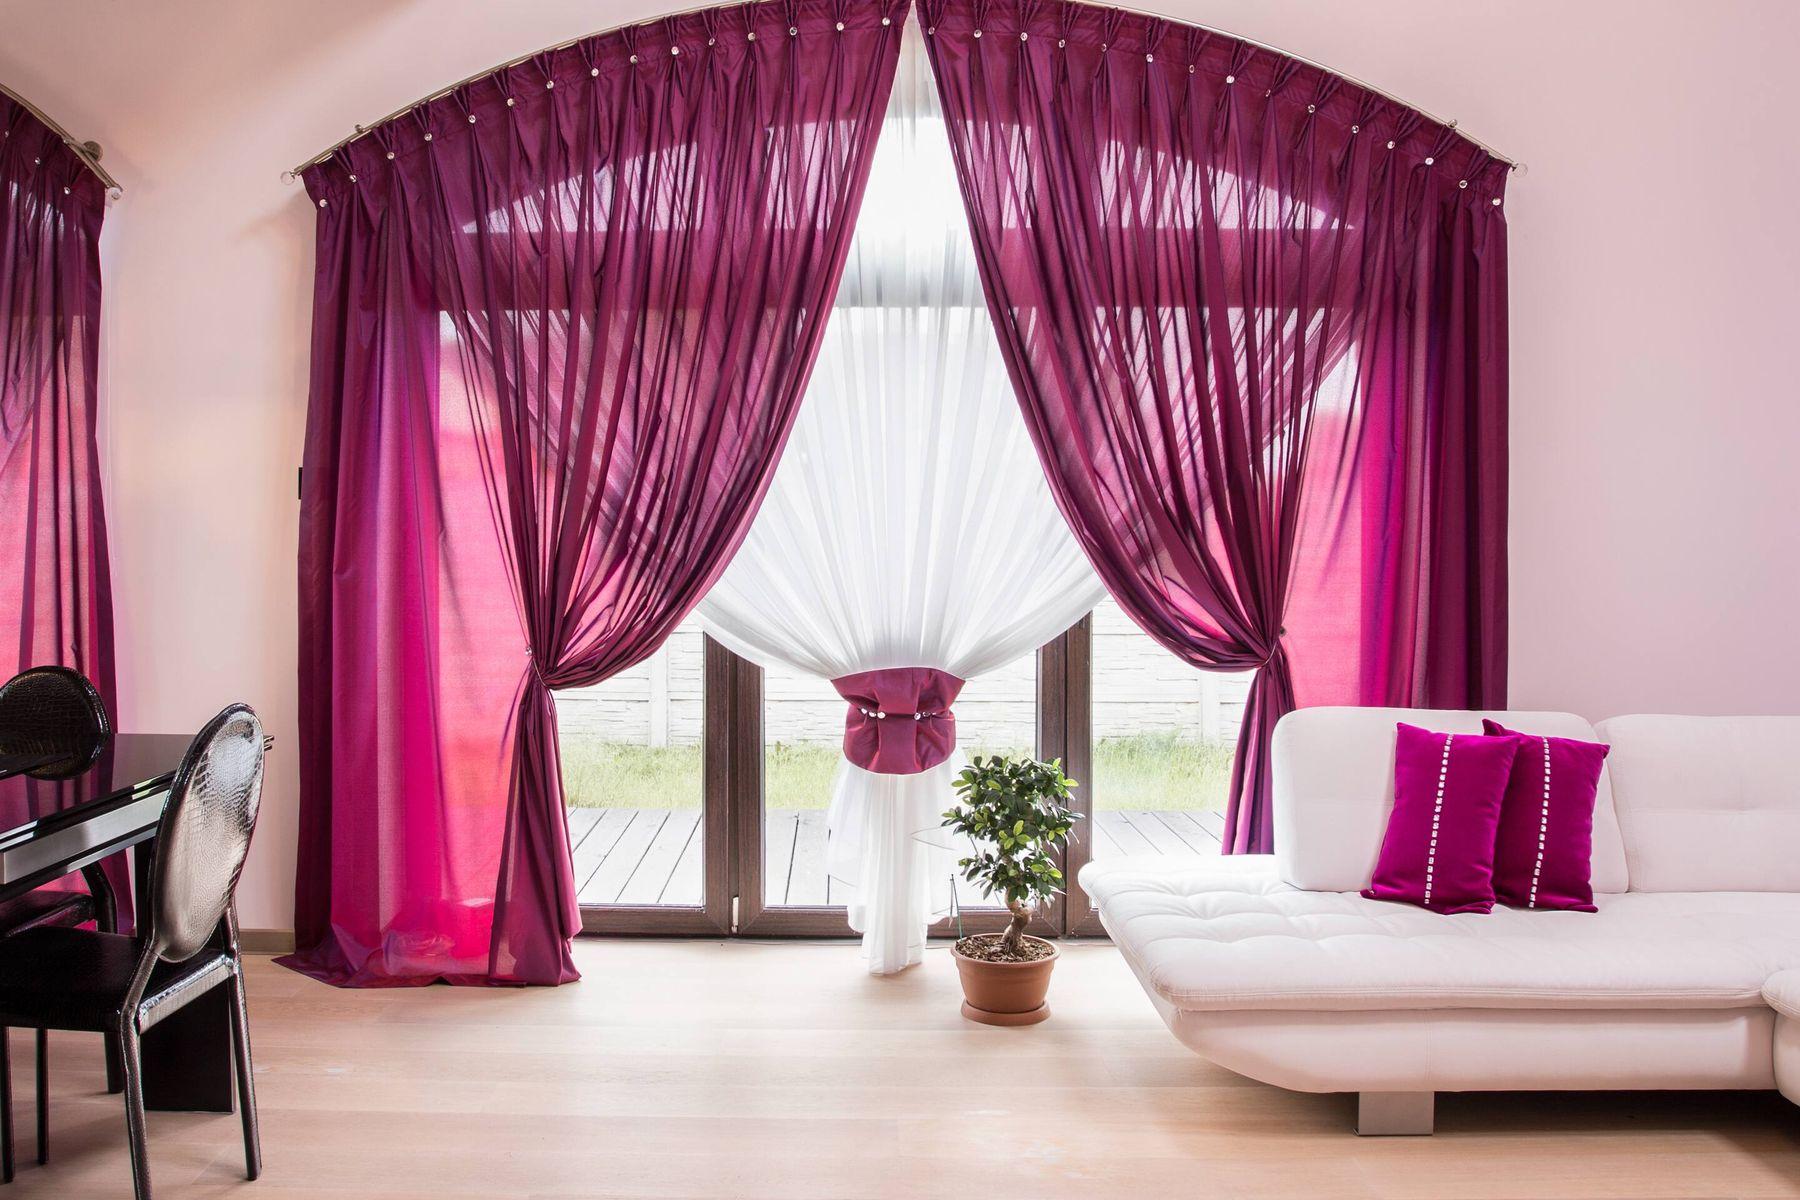 अपने घर के पर्दों को बिना धोए कैसे साफ़ करें | गेट सेट क्लीन